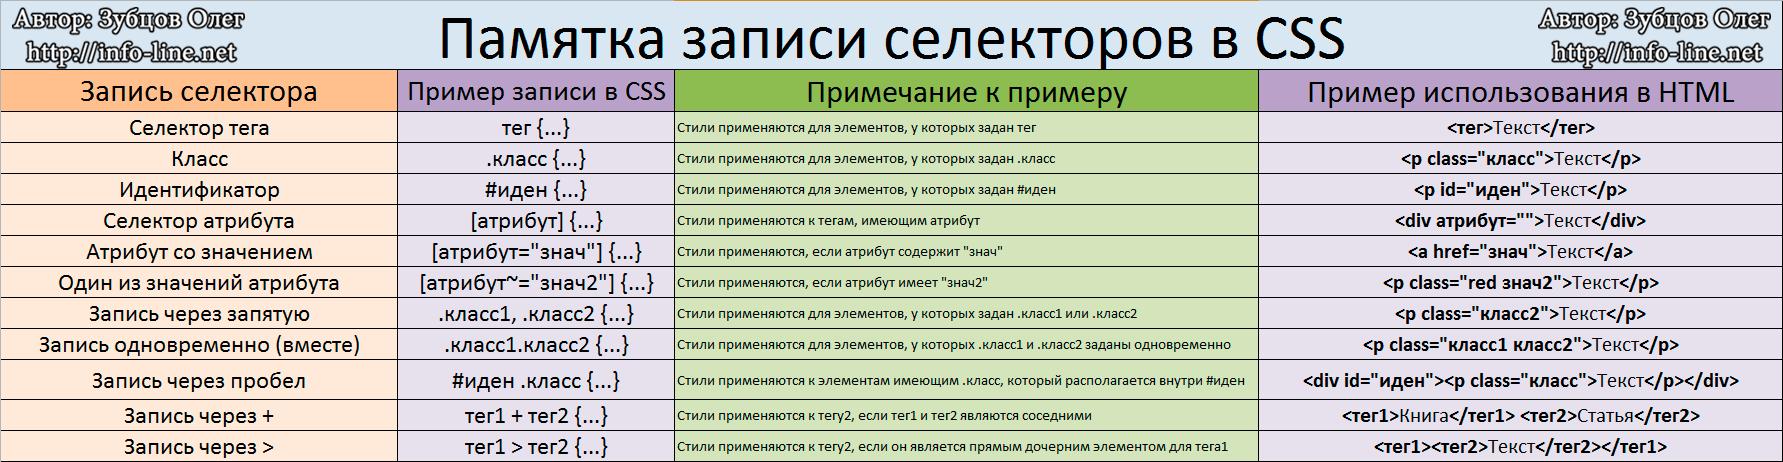 Памятка записи селекторов в CSS